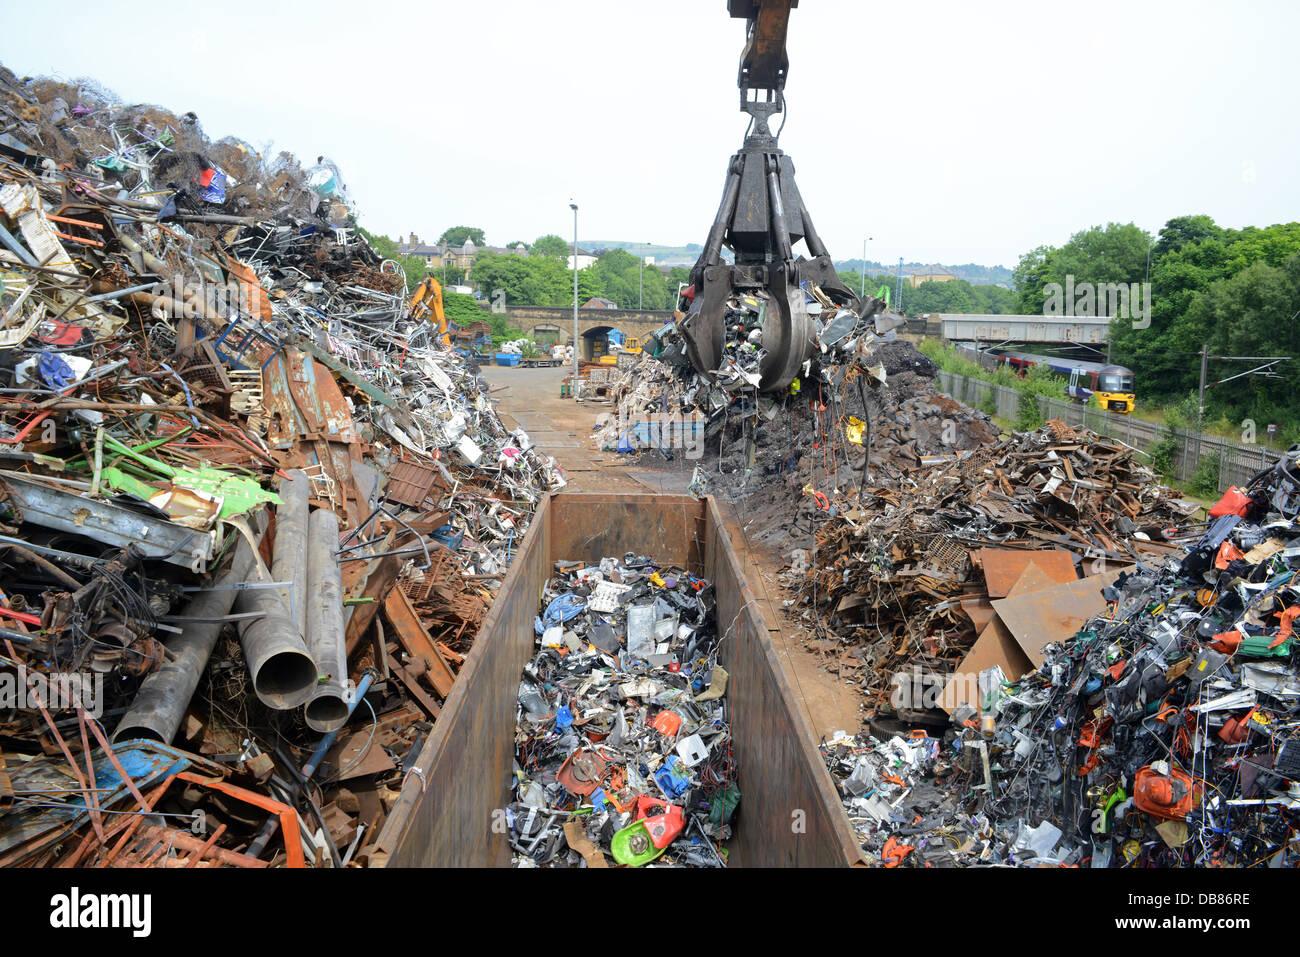 La eliminación de los RAEE residuos de aparatos eléctricos y electrónicos siendo cargados en vagones Imagen De Stock